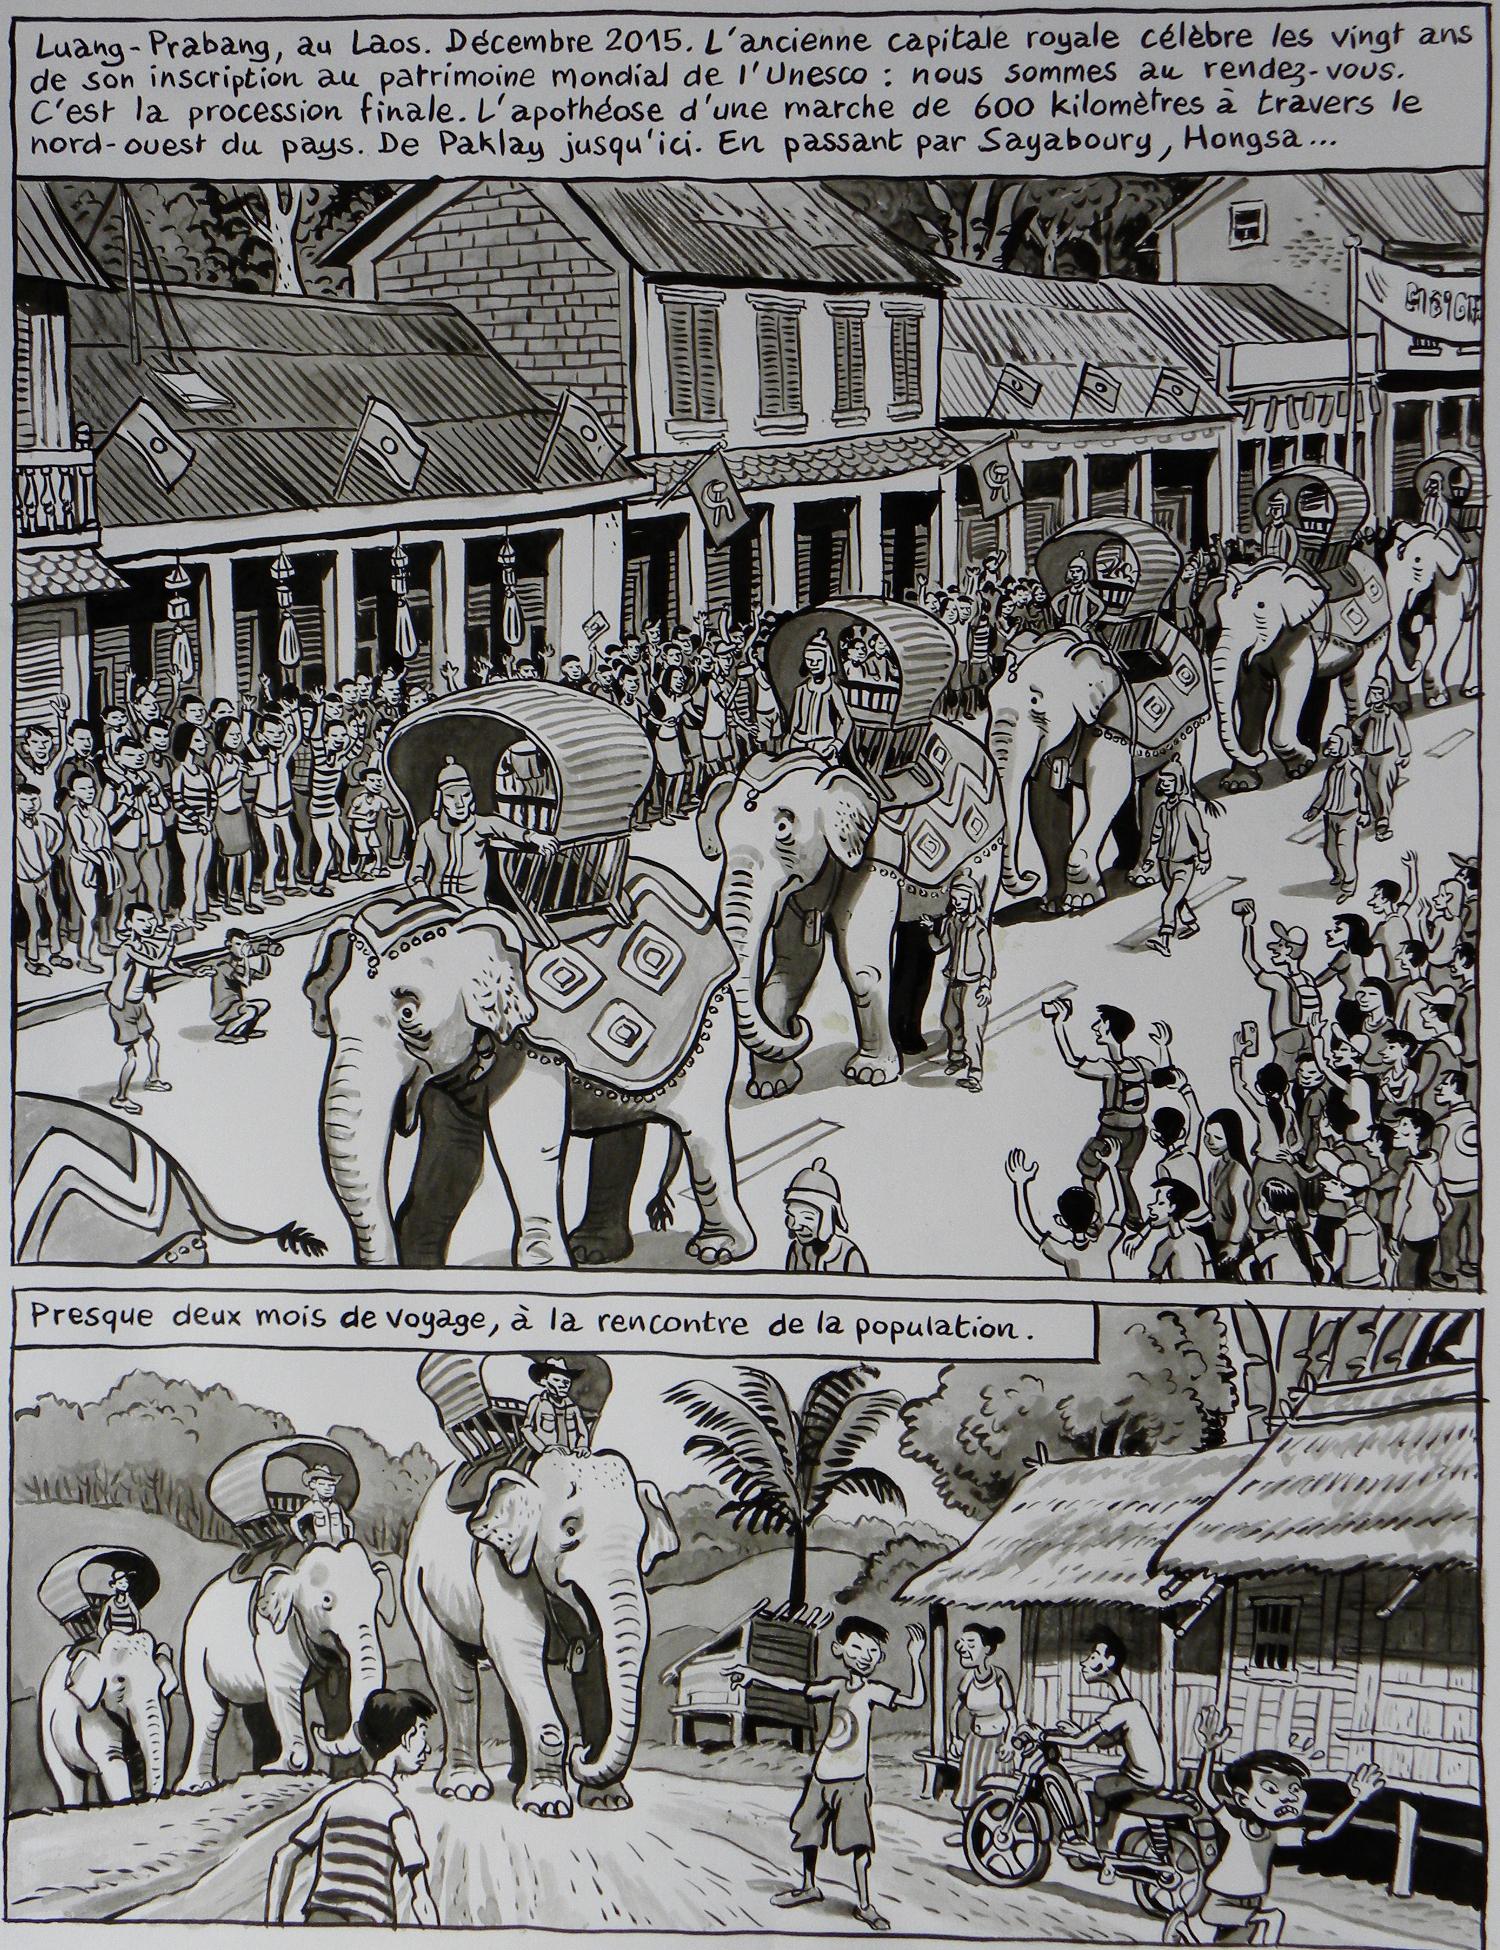 http://www.zicbul.fr/wp-content/uploads/dumontheuil-planche-originale3-elephant.jpeg